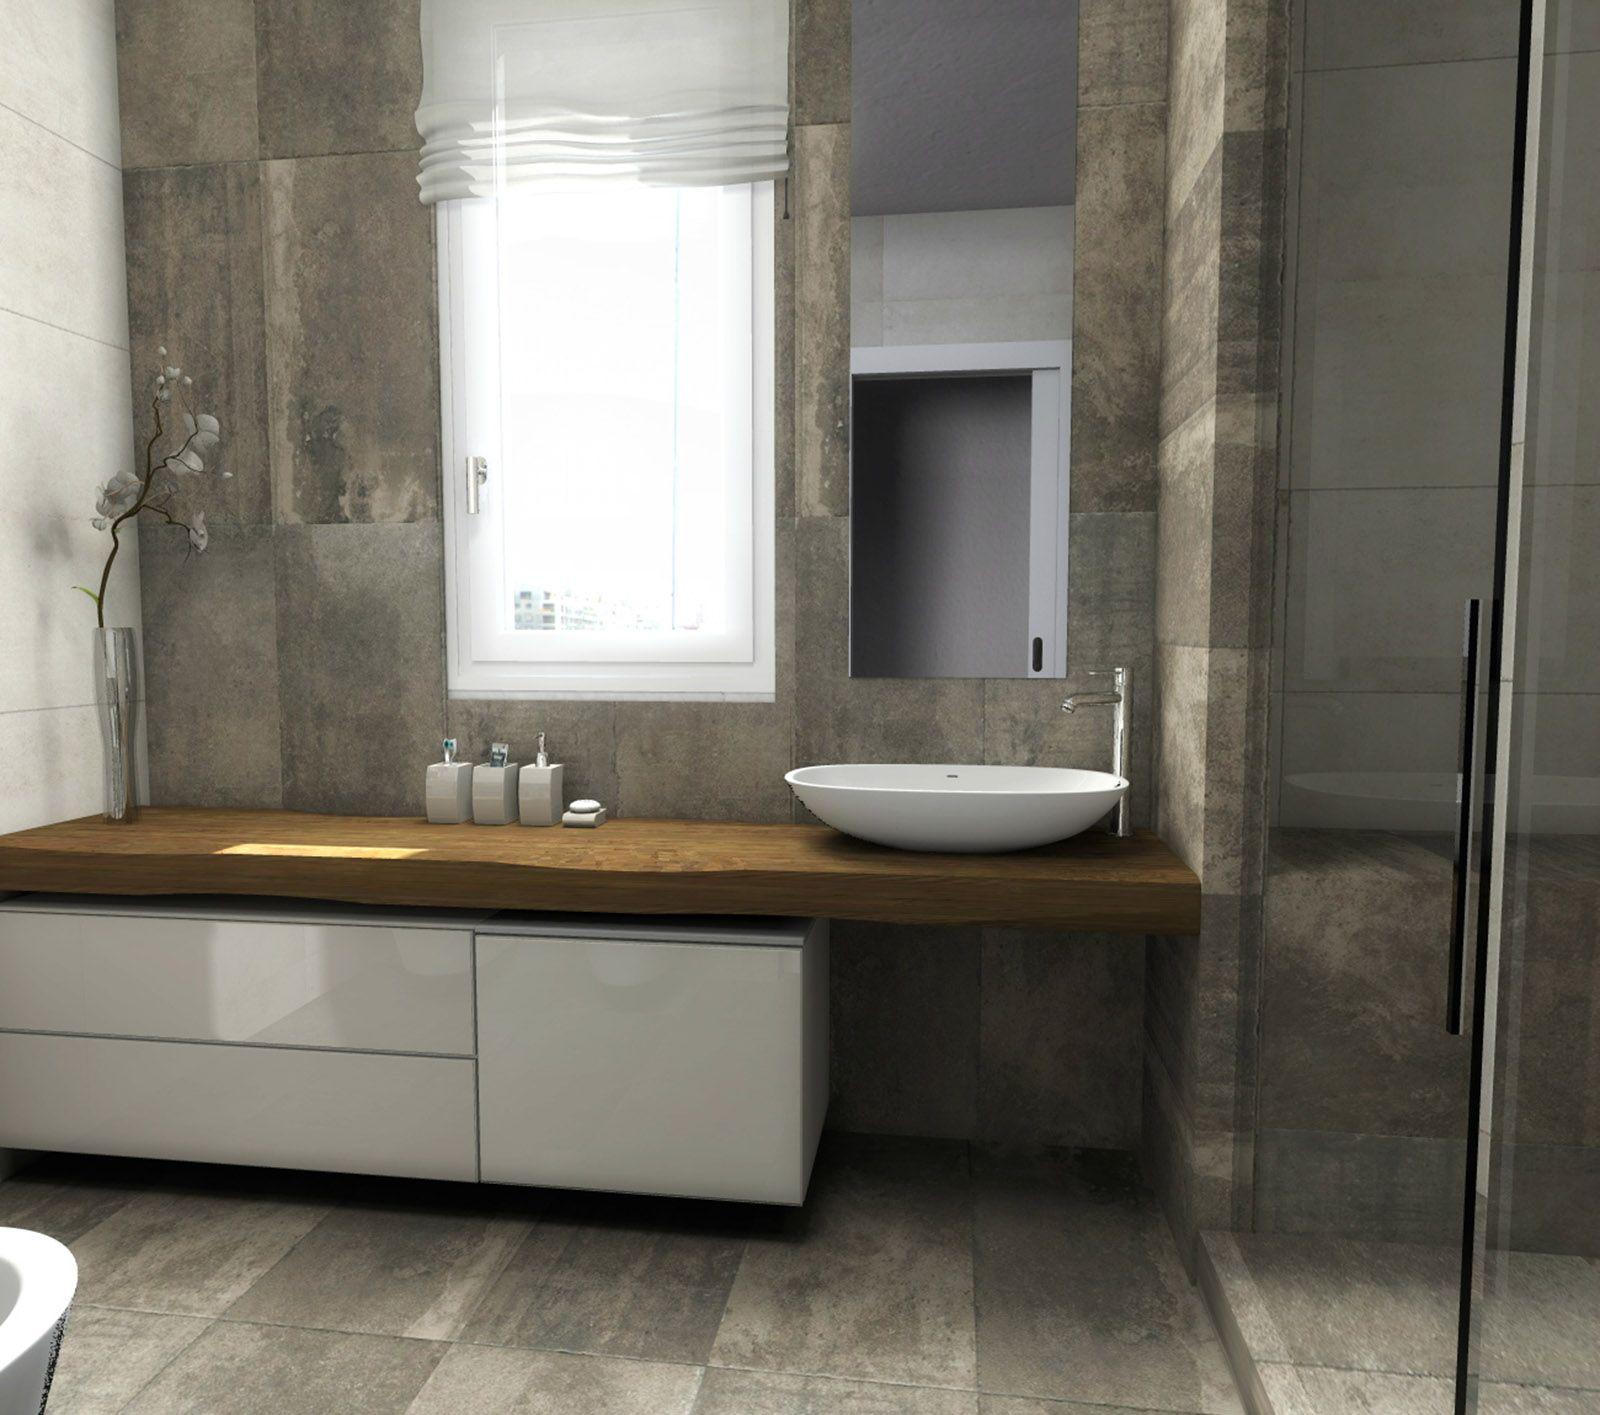 Due soluzioni bagno in pianta e in 3d progettate dal nostro architetto per il lettore giuseppe - Soluzioni per gradino in bagno ...